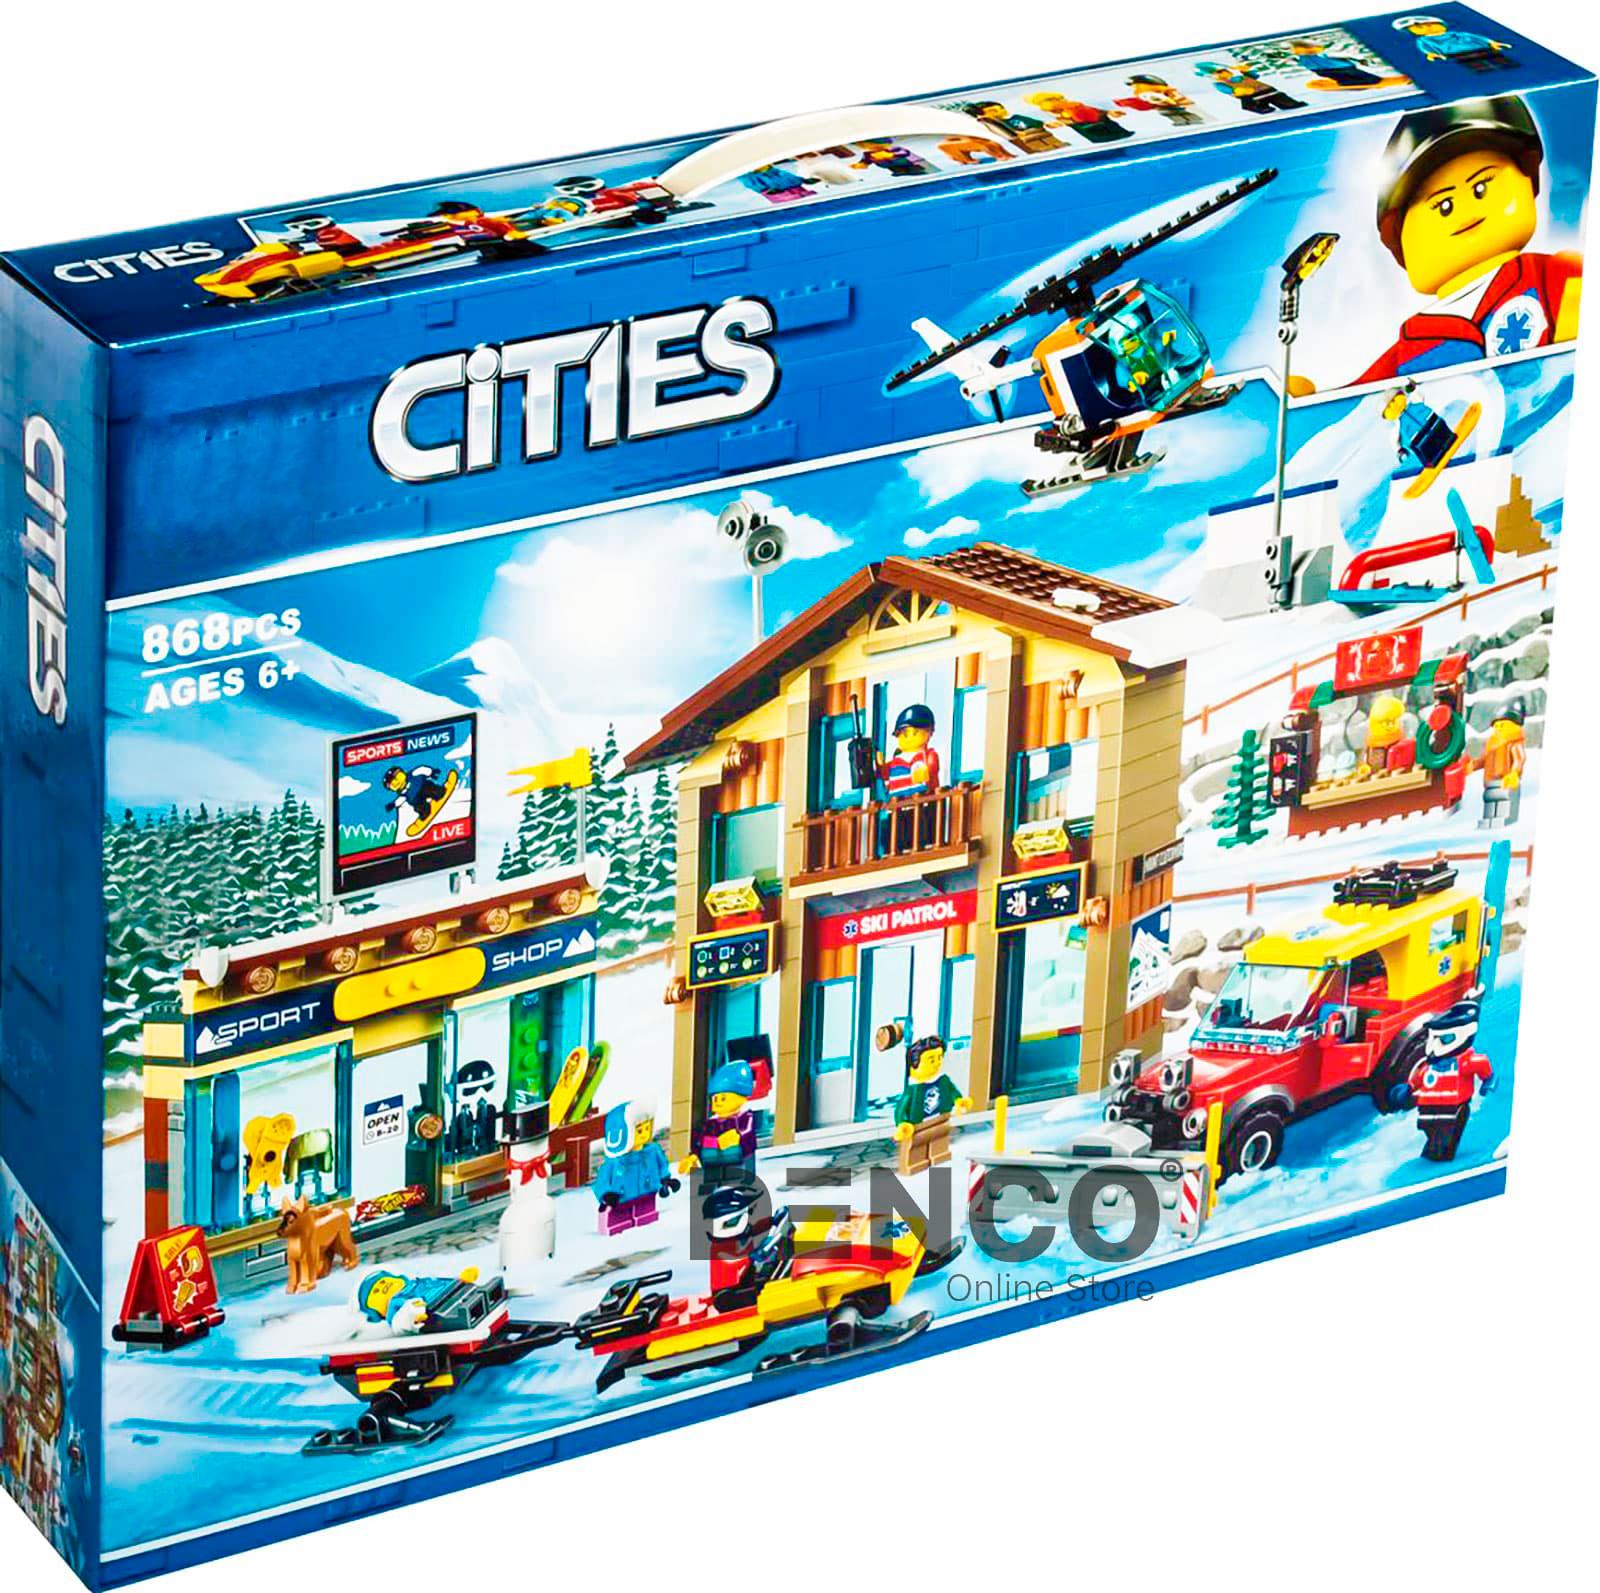 Конструктор Lari «Горнолыжный курорт» 11451 (City 60203) / 868 деталей